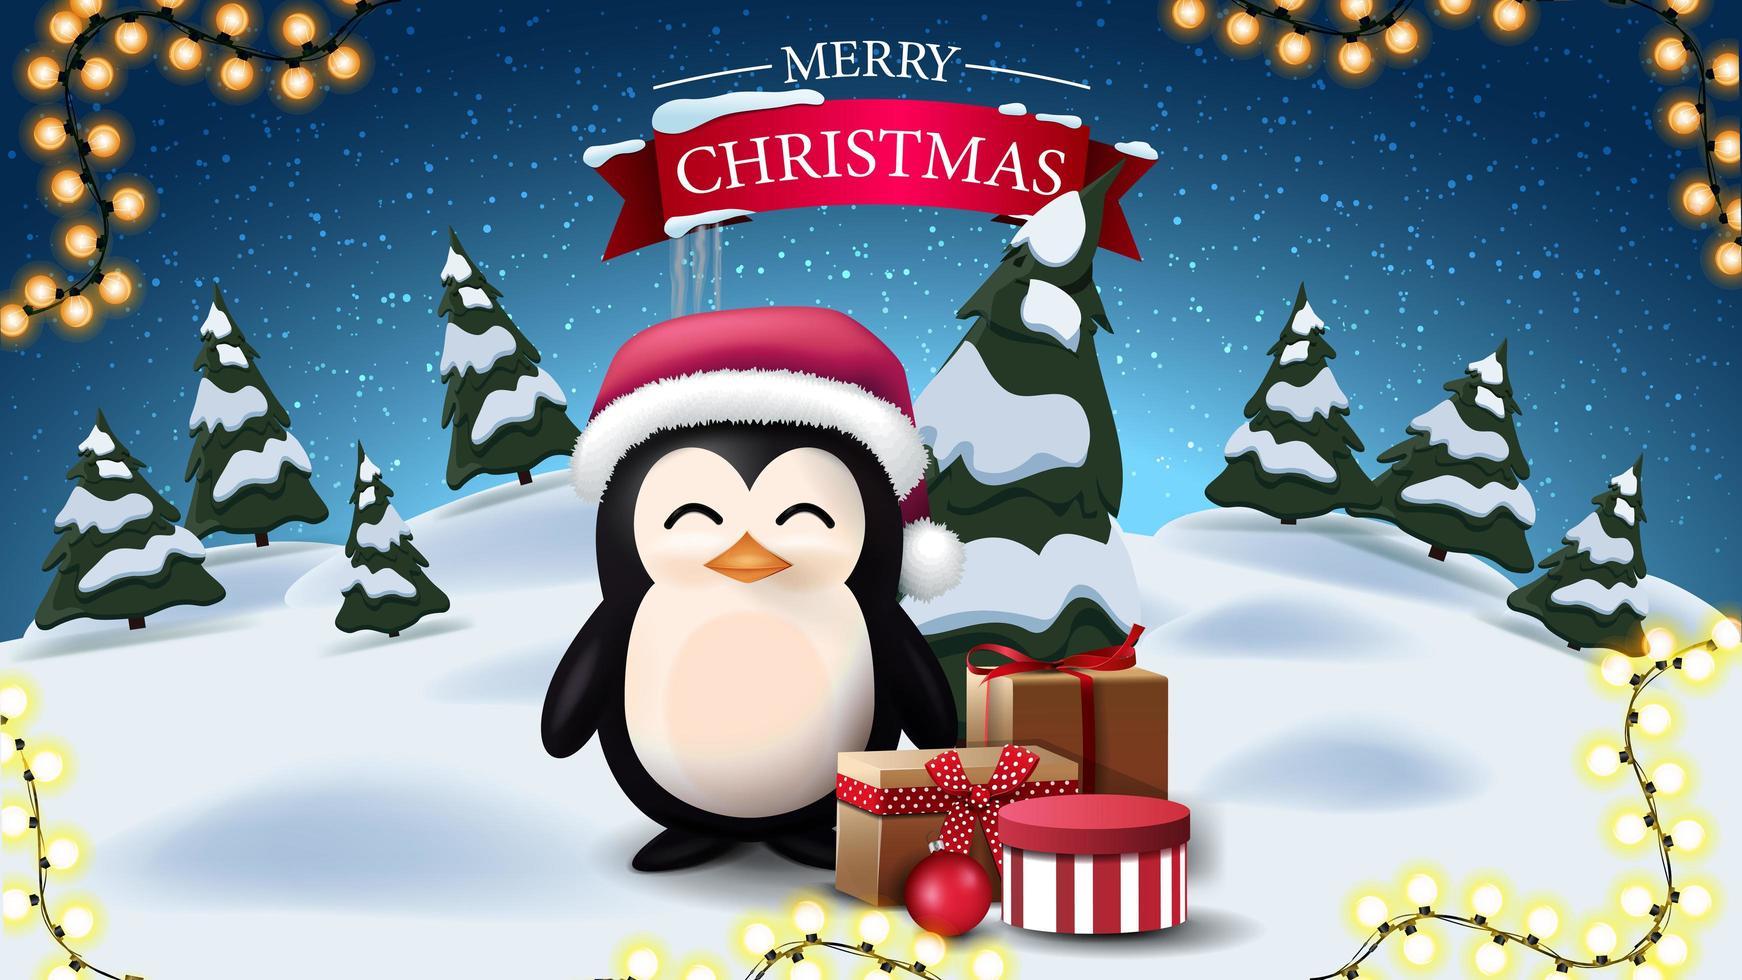 Feliz Navidad, postal con paisaje de invierno nocturno de dibujos animados y pingüino con sombrero de santa claus con regalos vector